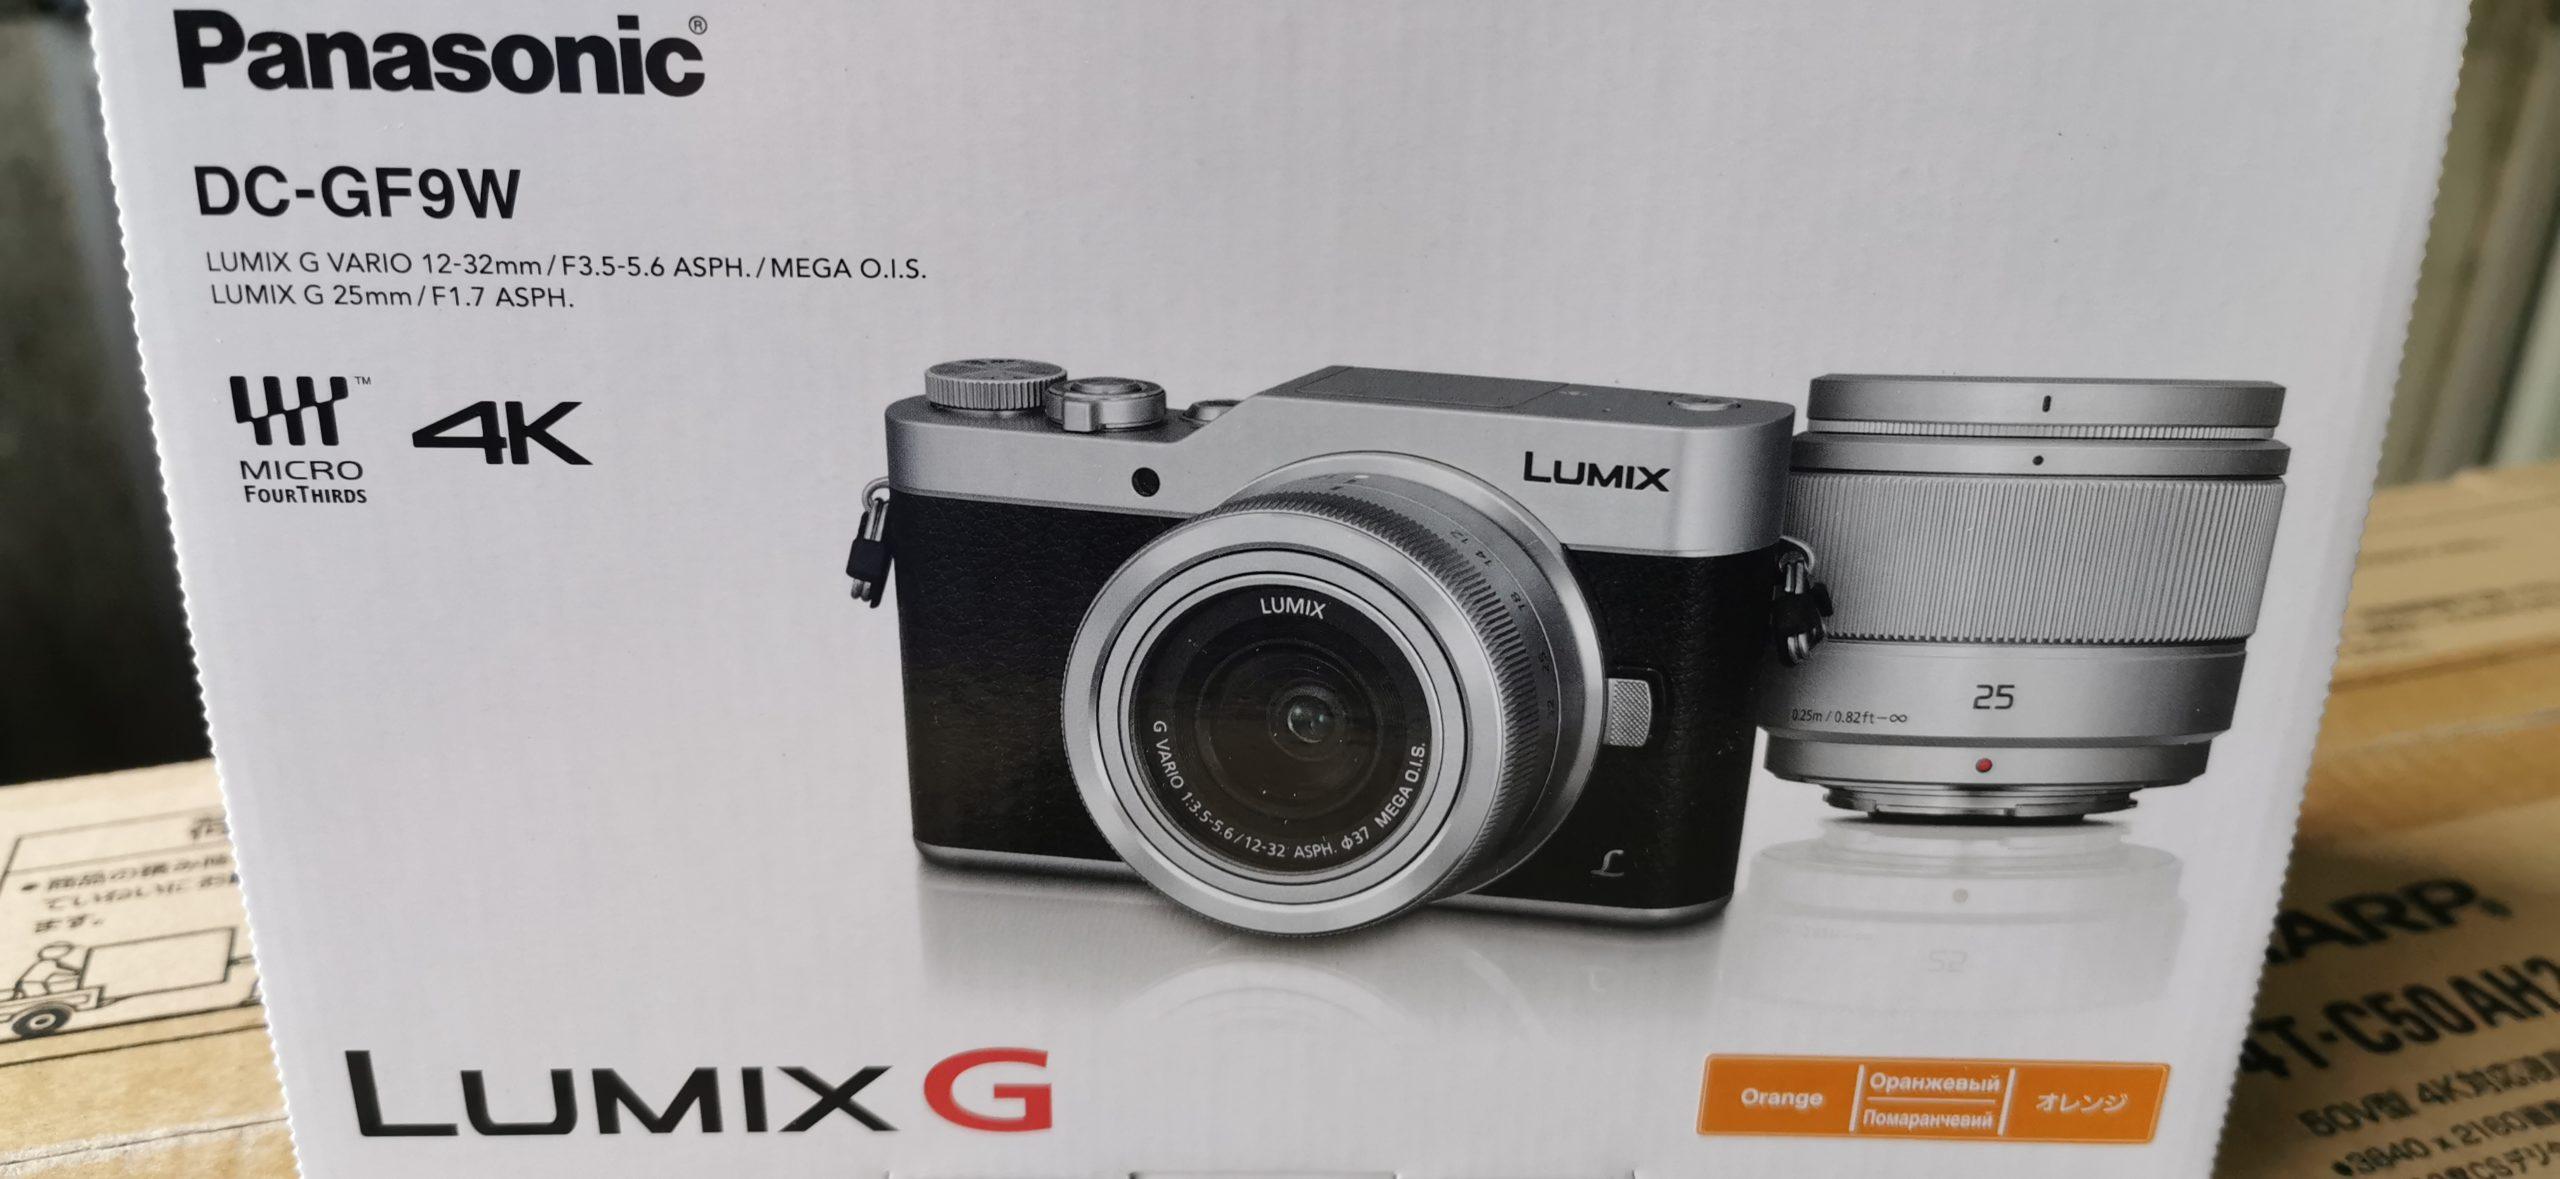 グレダービー賞品 299位 ミラーレス一眼レフカメラ レンズ付き!